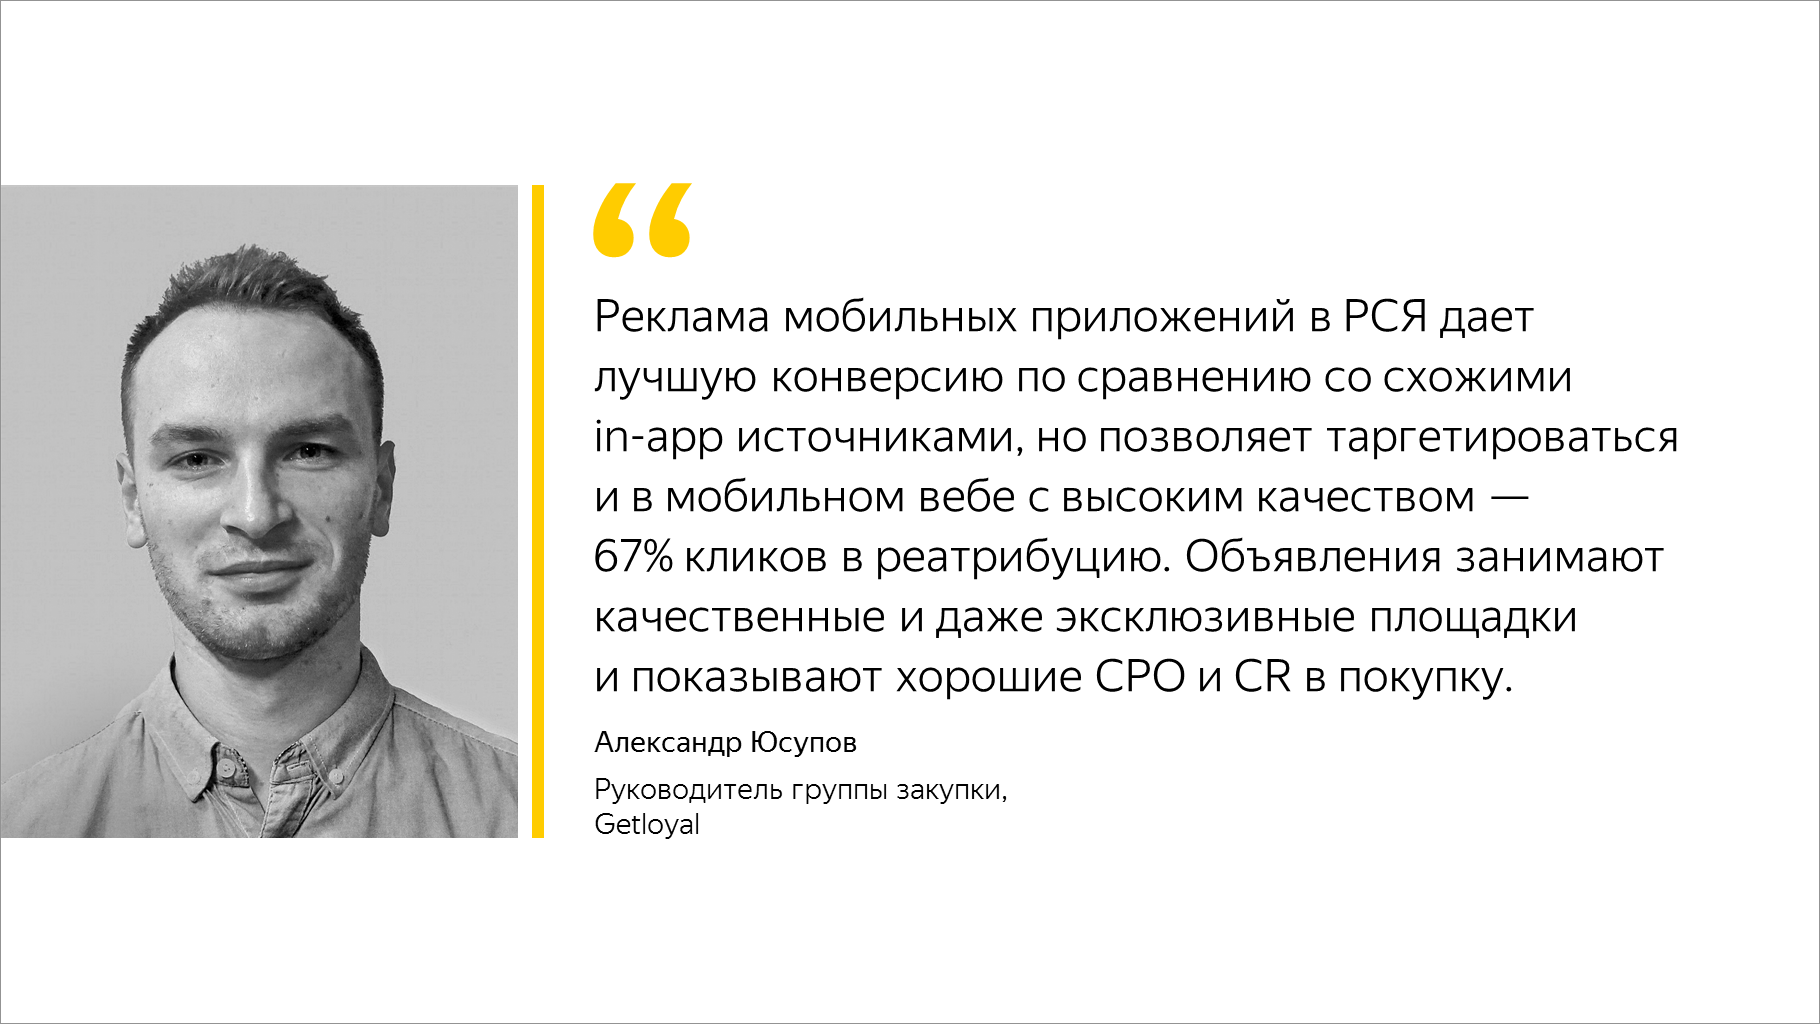 Александр Юсупов: Реклама мобильных приложений в РСЯ дает лучшую конверсию по сравнению со схожими  in-app источниками, но позволяет таргетироваться и в мобильном вебе с высоким качеством —  67% кликов в реатрибуцию.